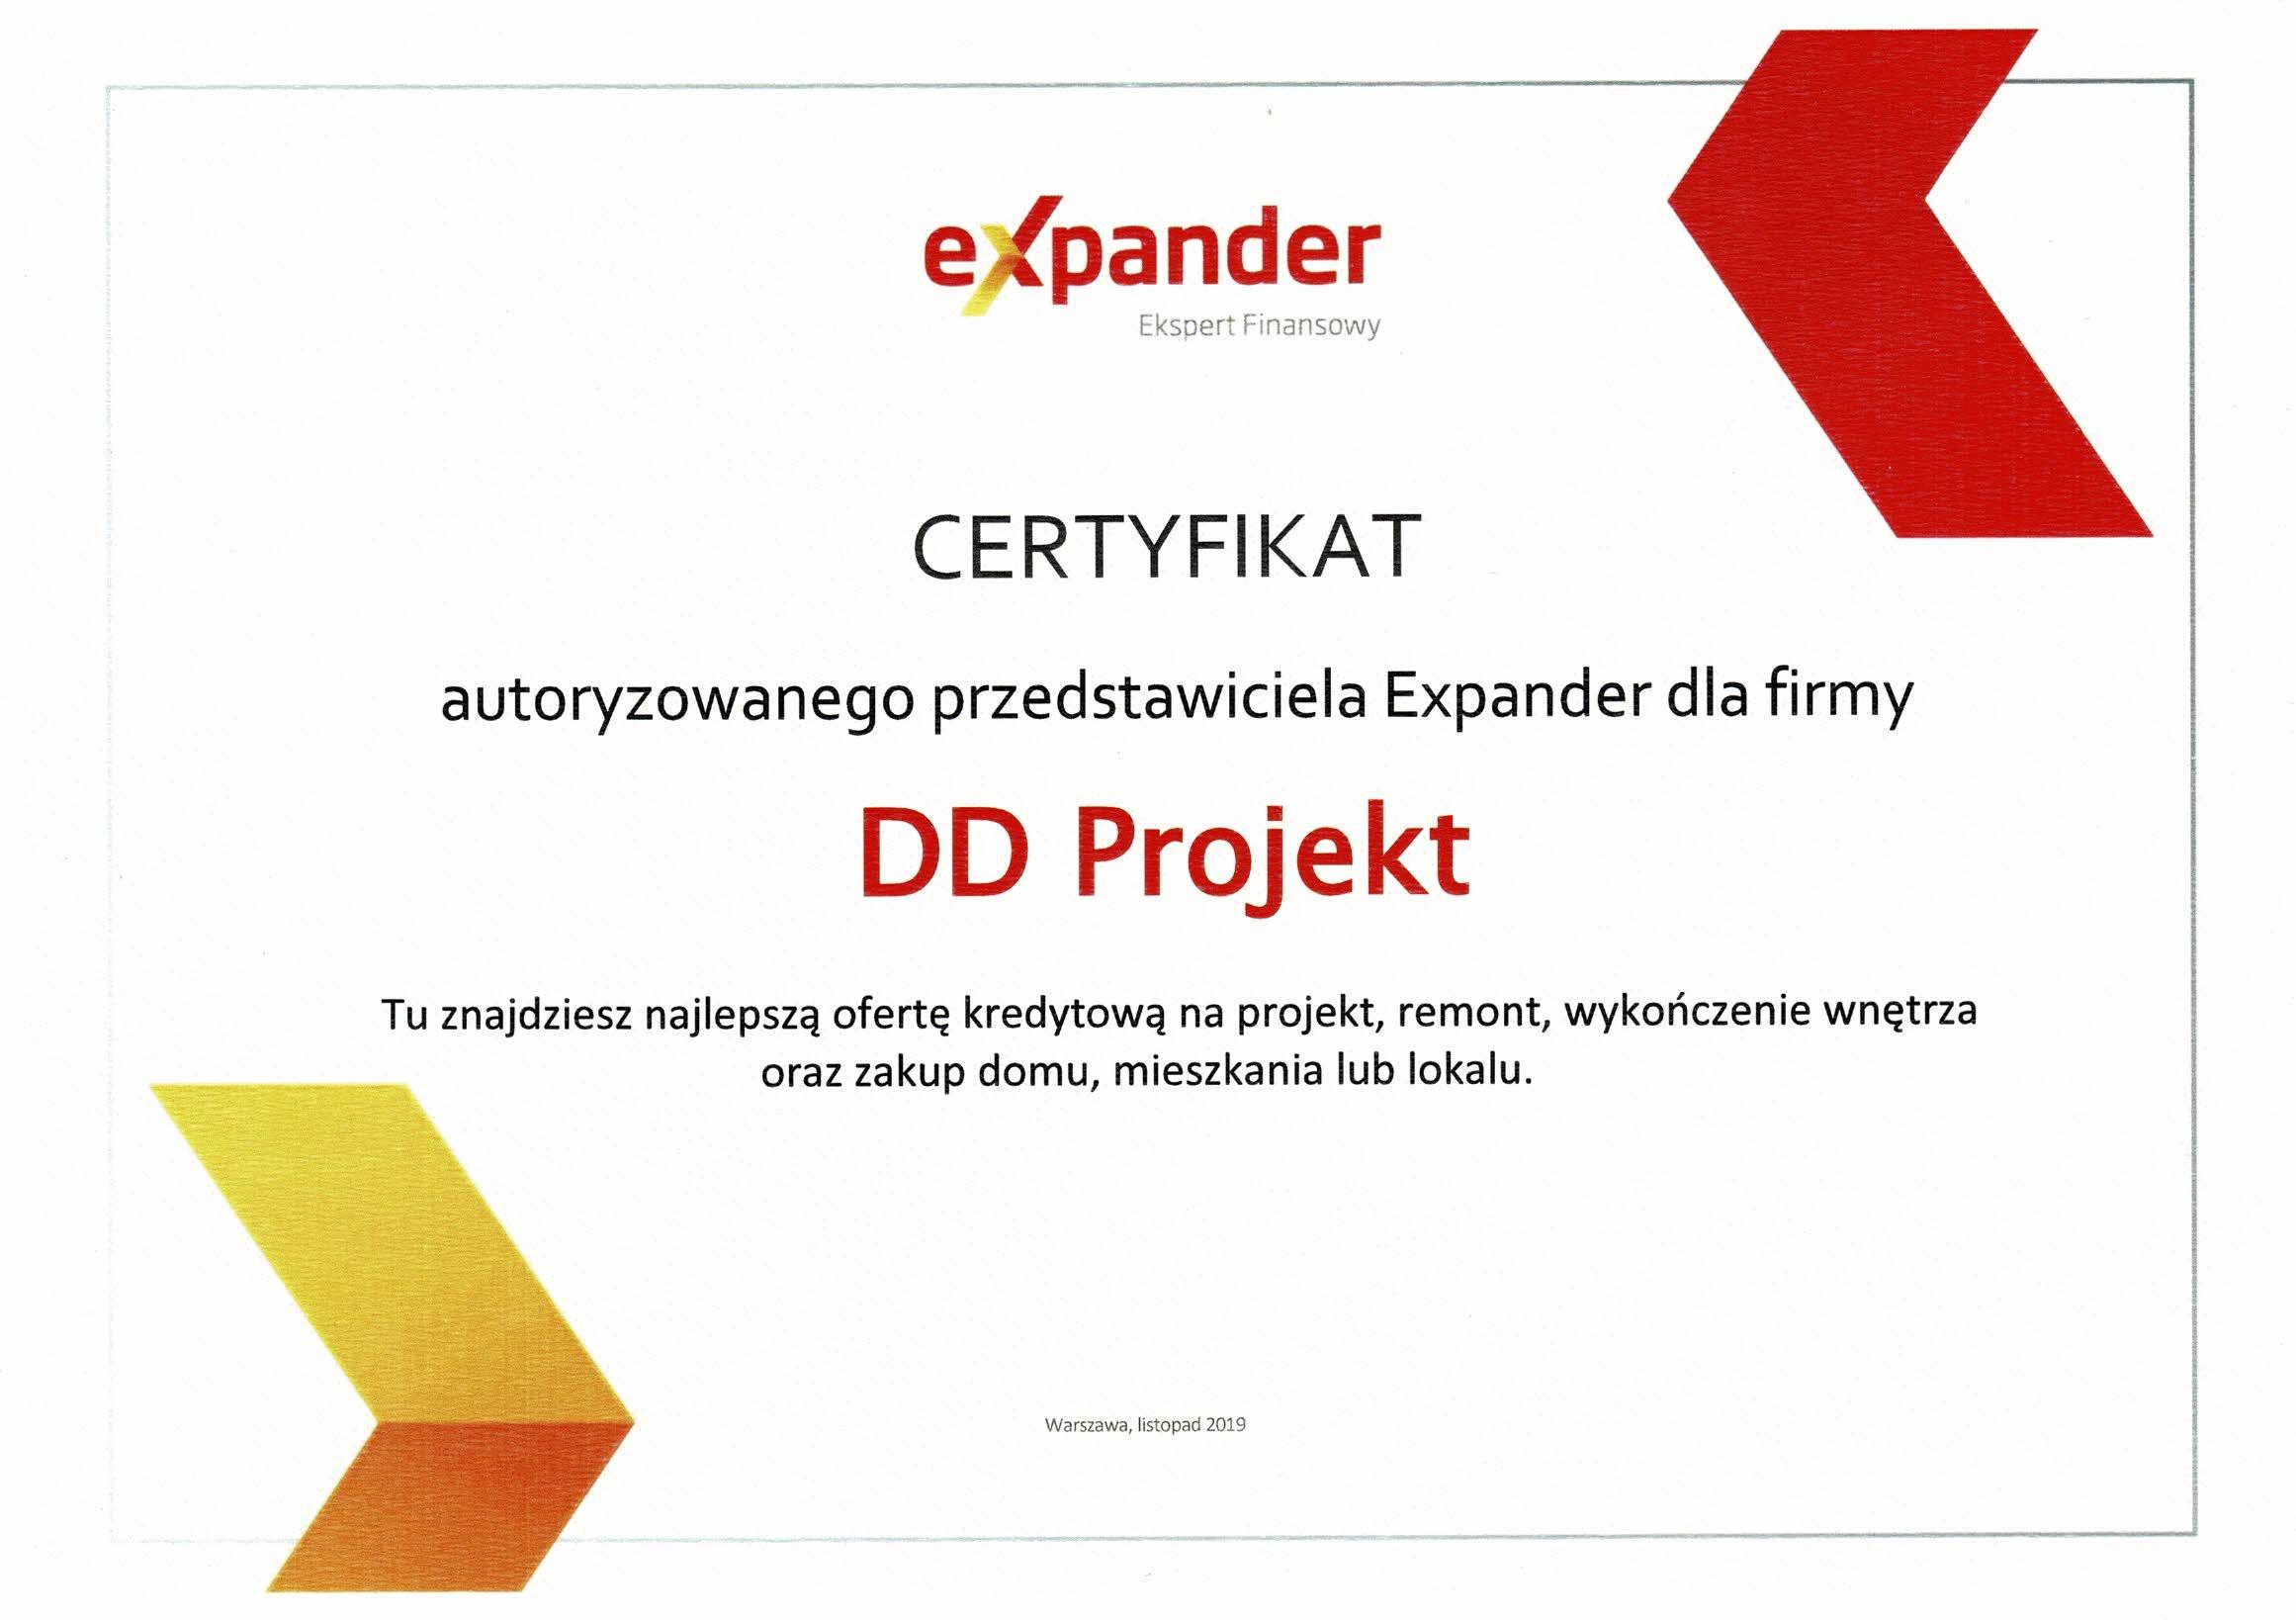 https://ddprojekt.pl/wp-content/uploads/2020/03/Expander-1.jpg